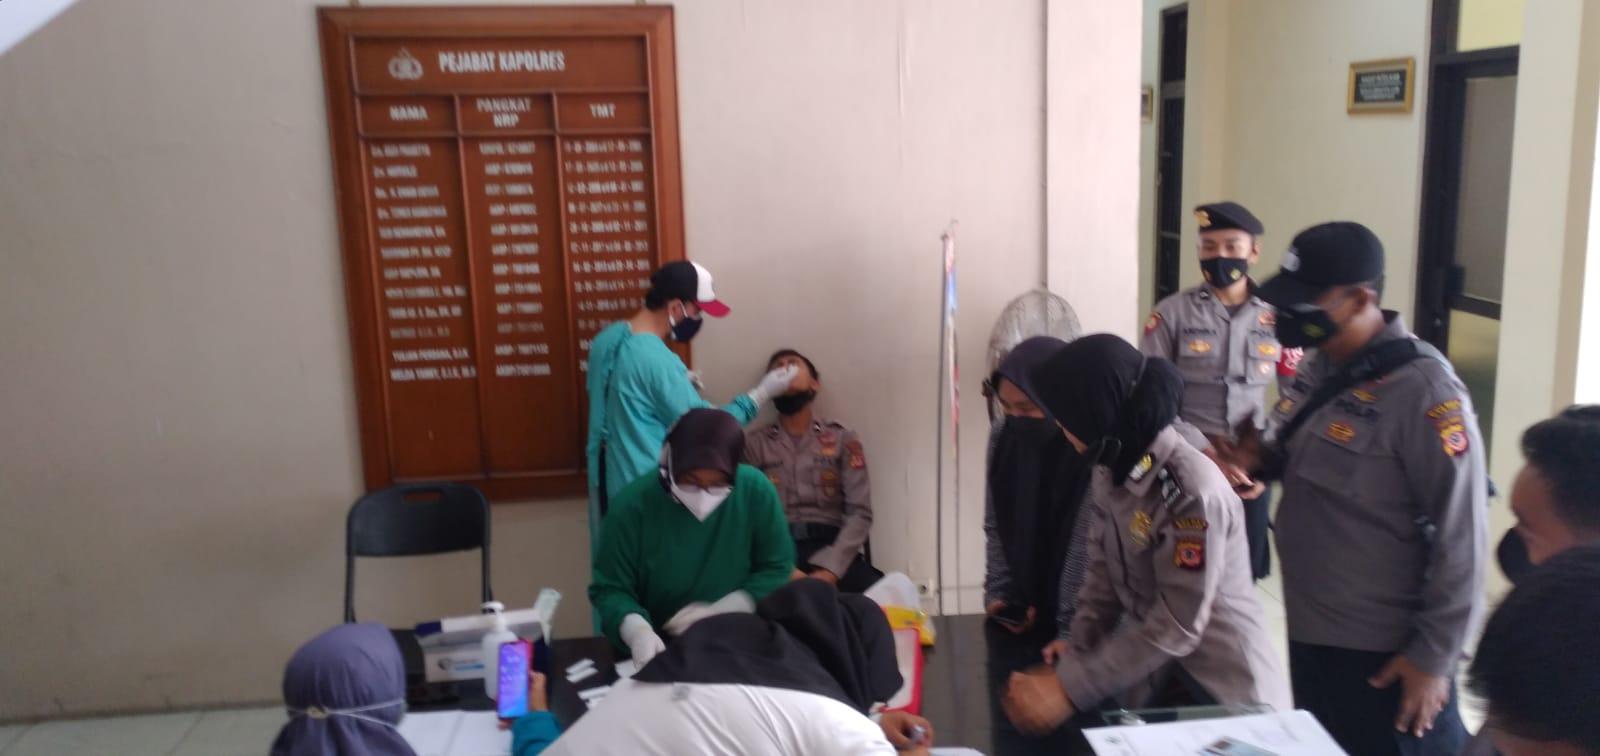 Anggota Polres Banjar Lakukan Test Swab Secara Rutin